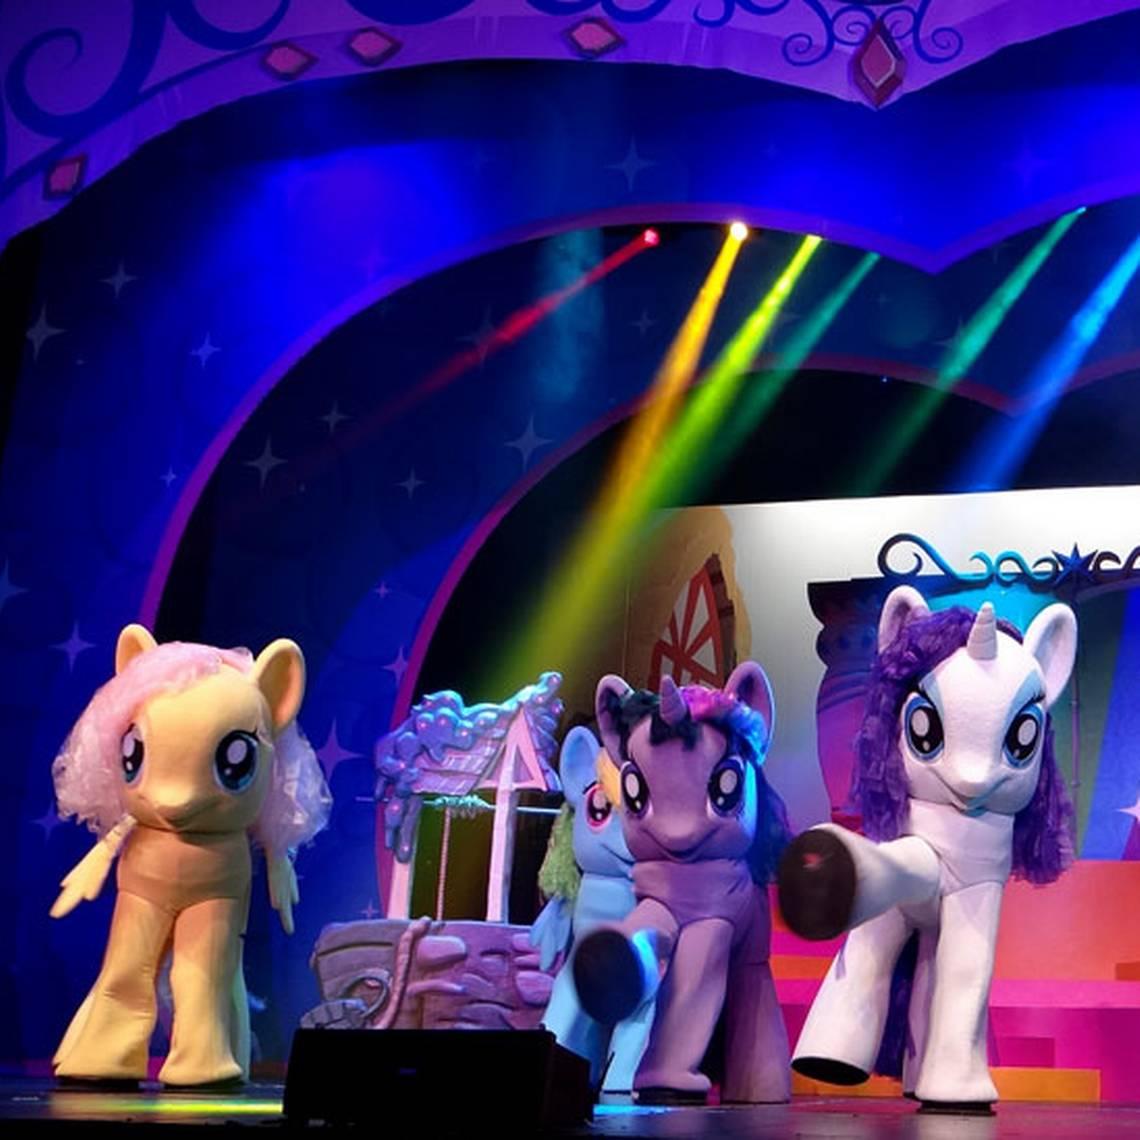 ¡El show de My Little Pony y Equestria Girls llega por primera vez a Chile!